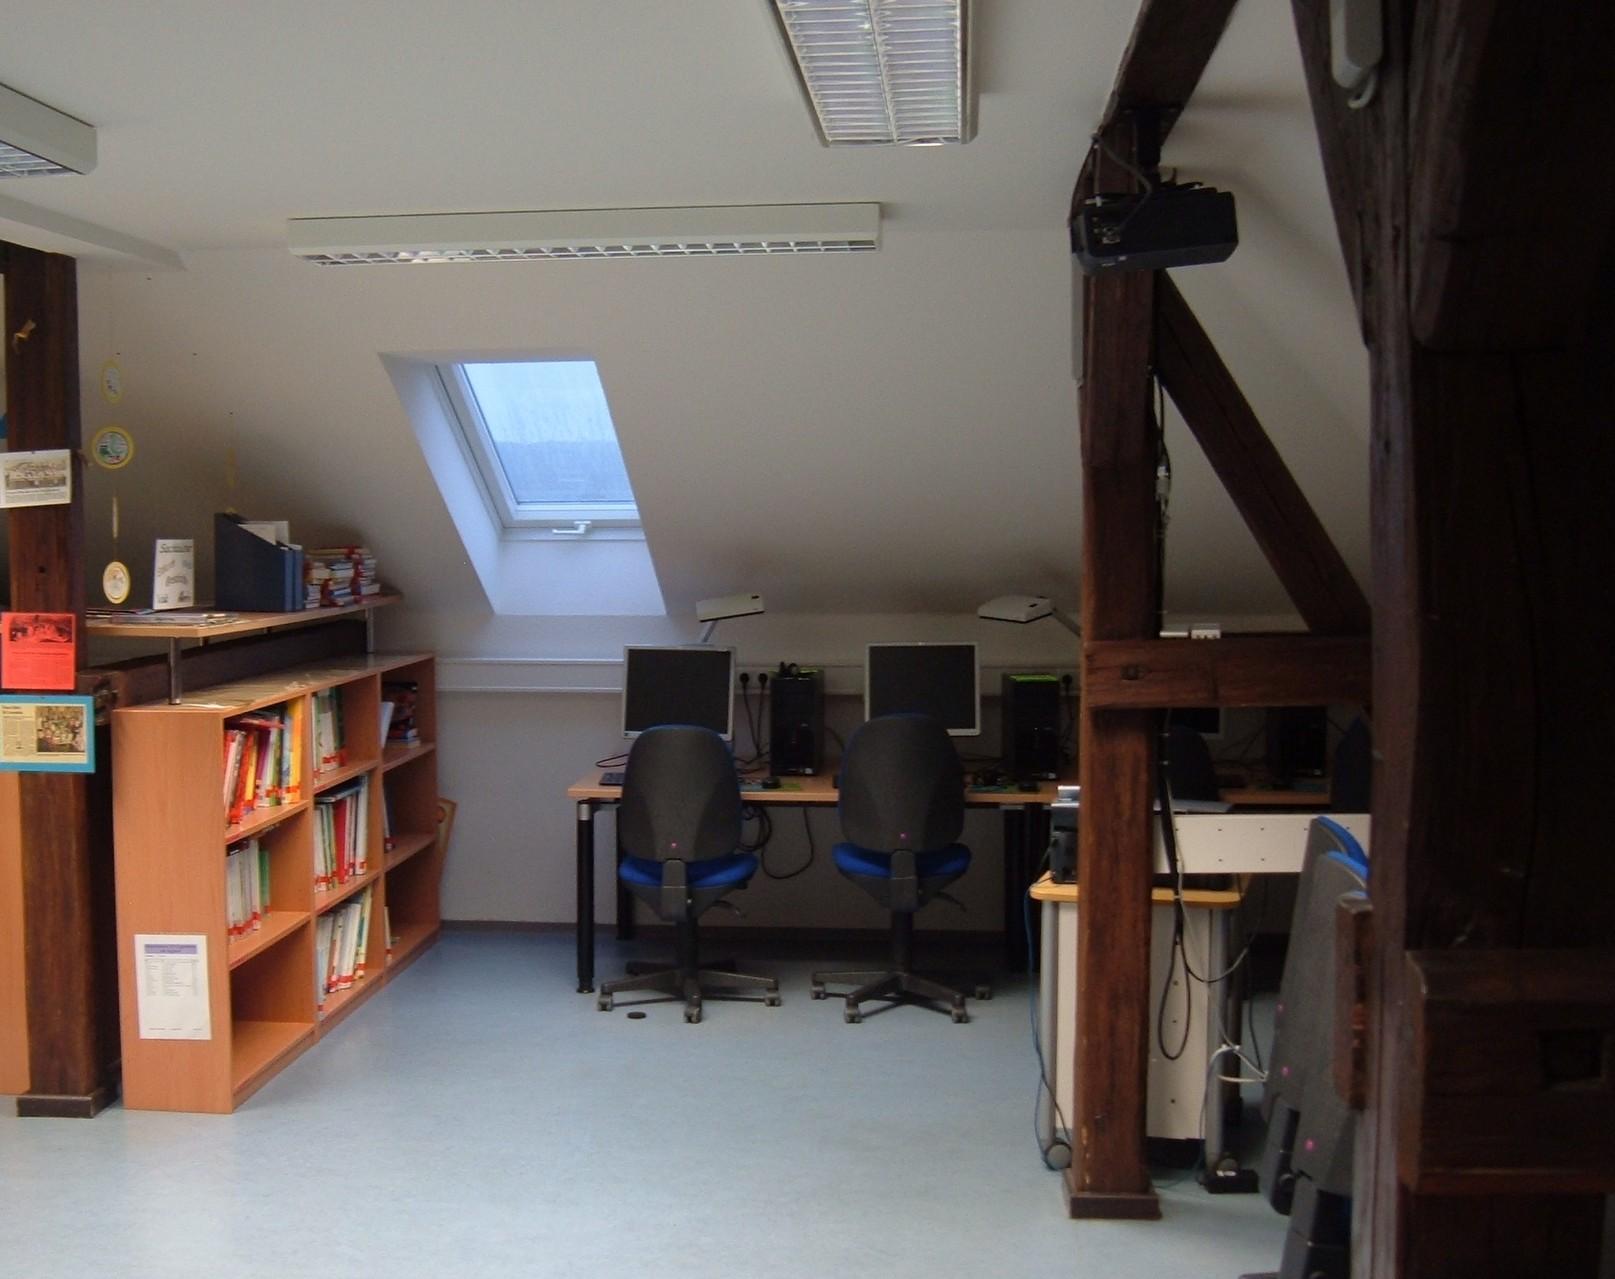 Grundschule Ziegelhütten:  Schülerbücherei und Computerraum